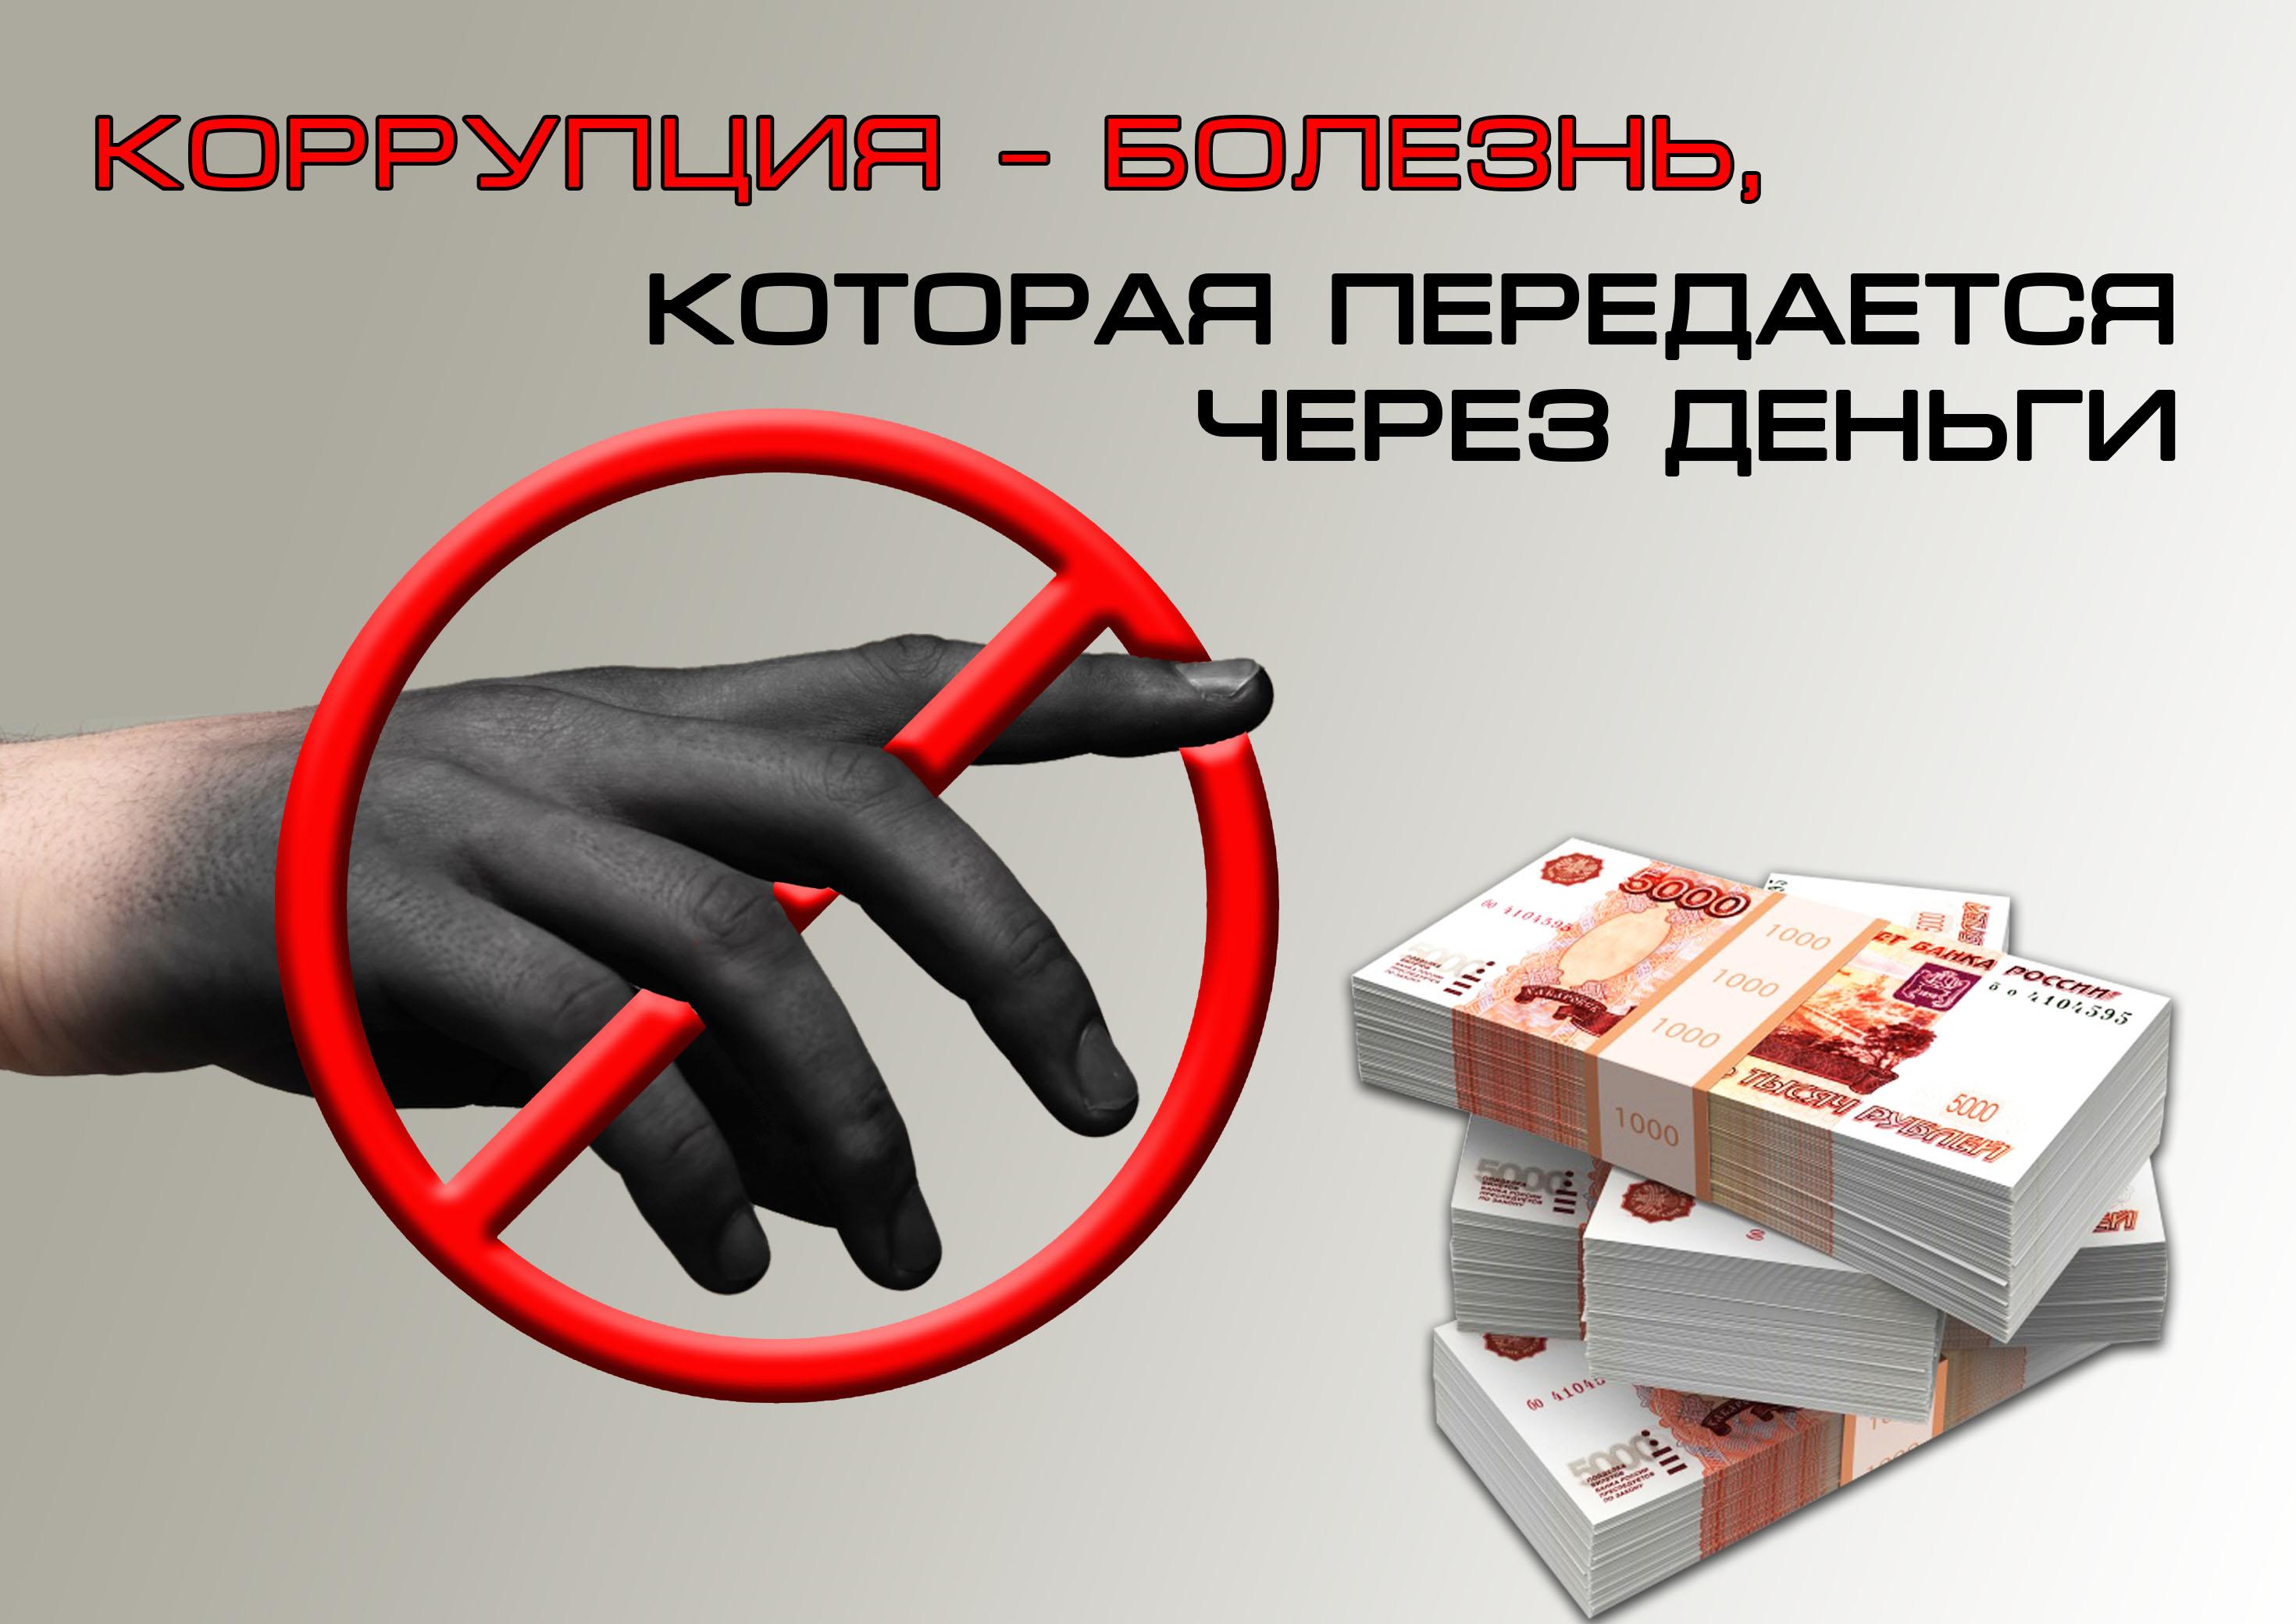 Фото о борьбе с коррупцией